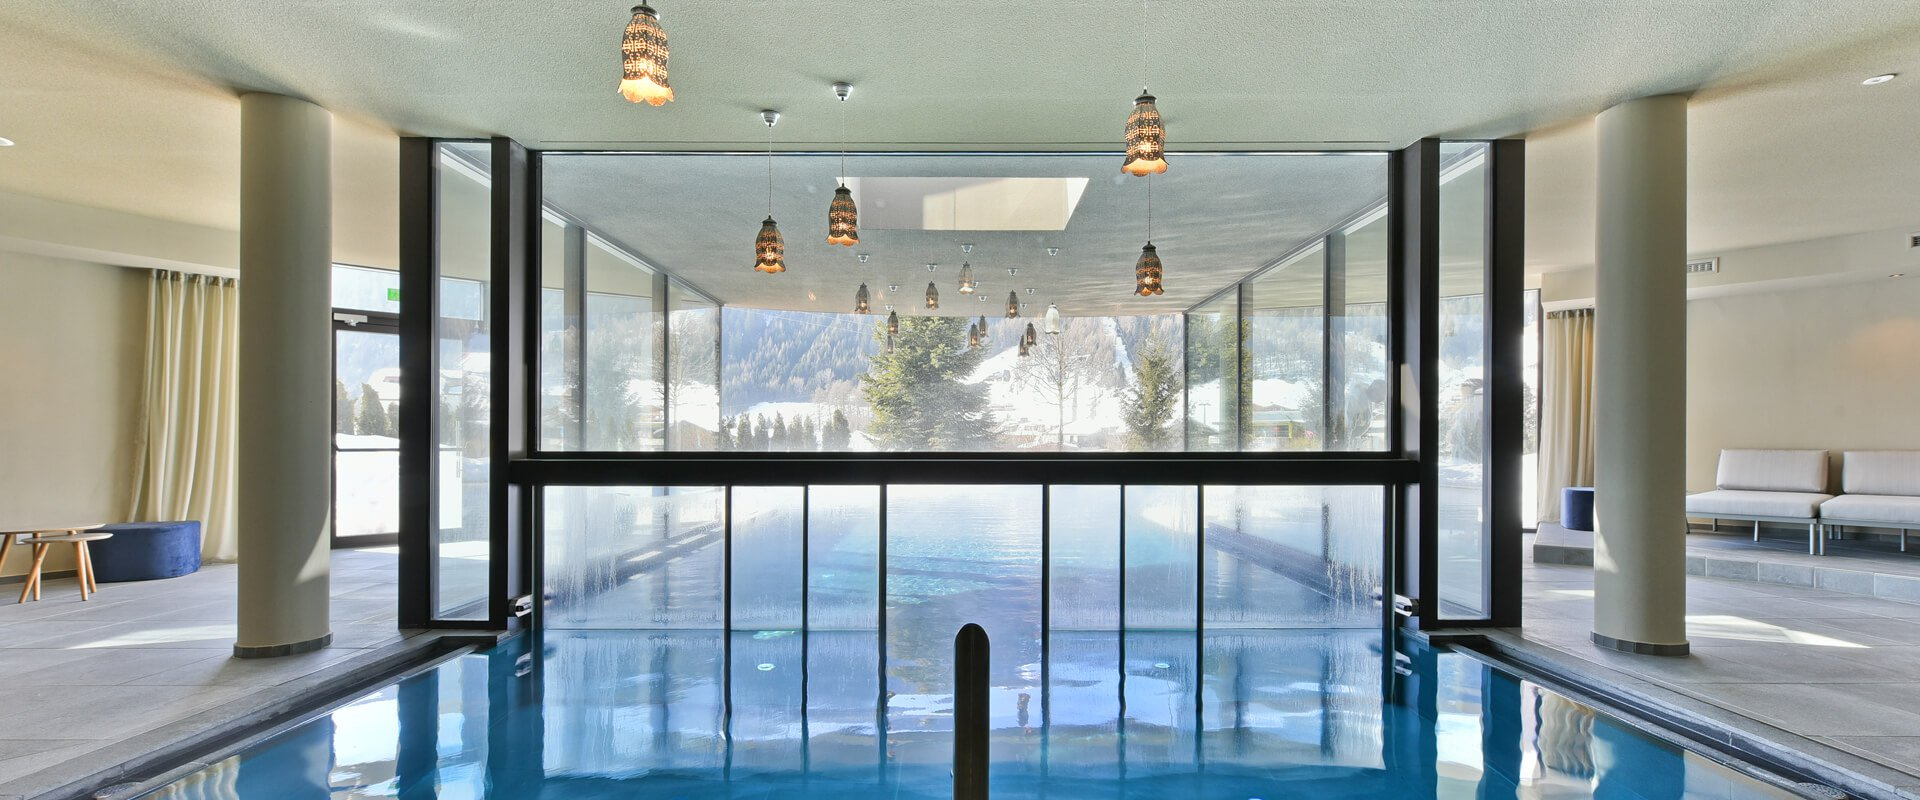 indoor-outdoor-schwimmbad-tuere